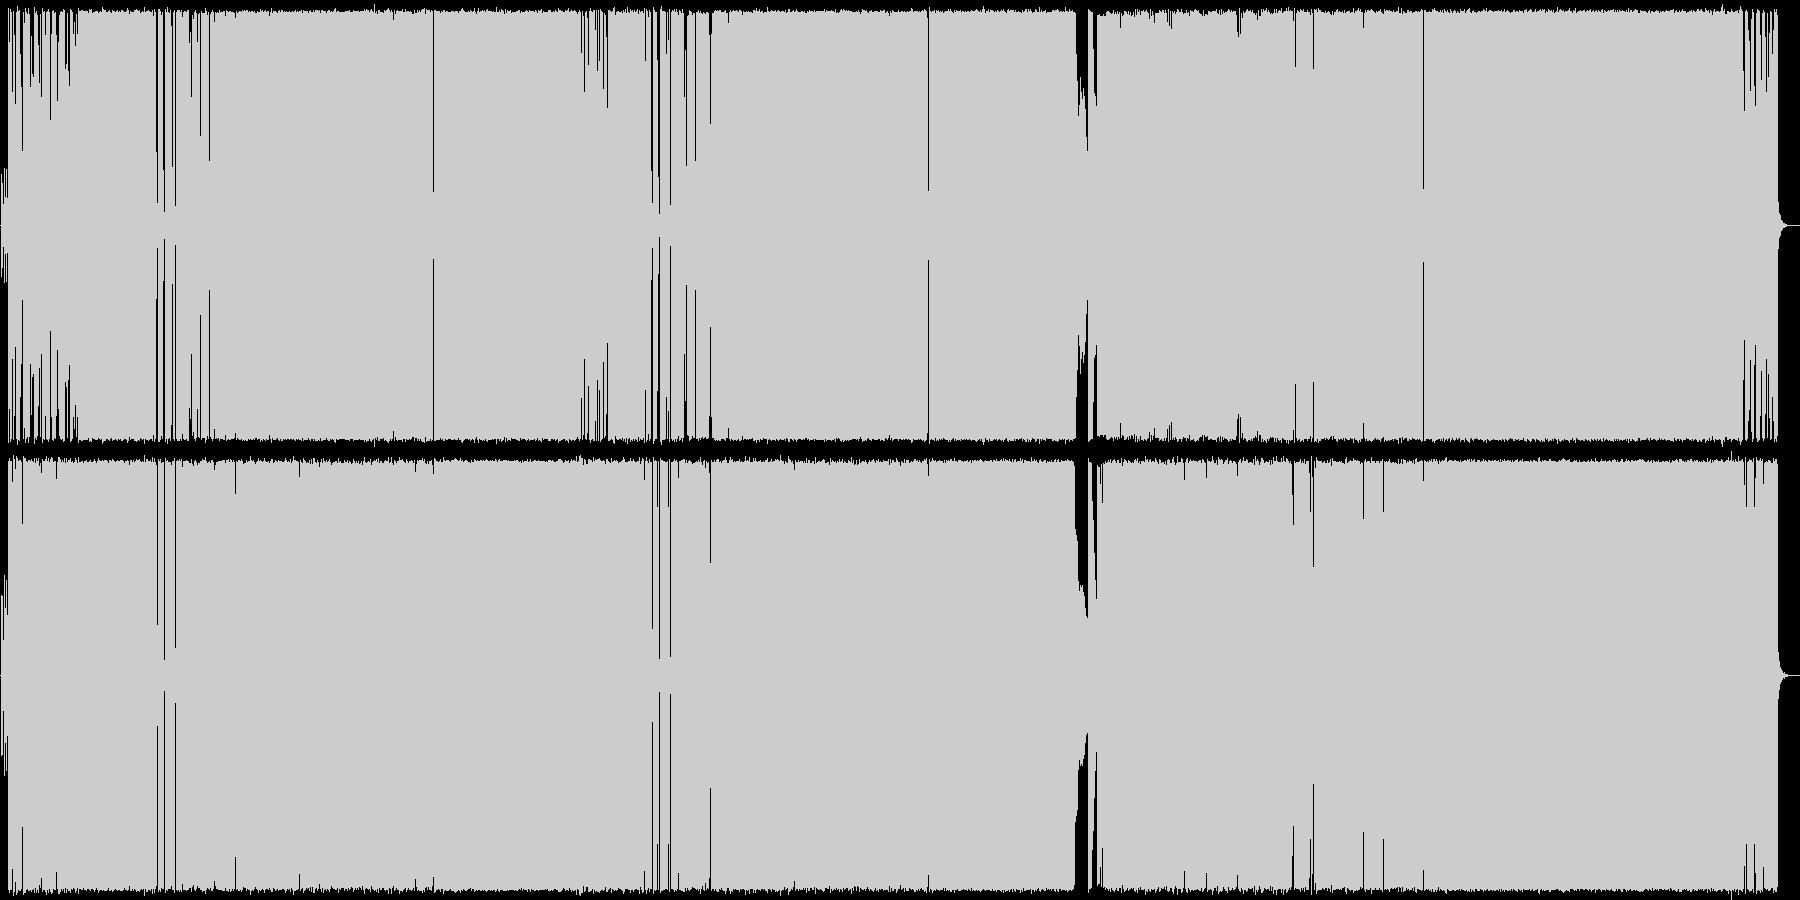 イントロが特徴的なギターロックの未再生の波形